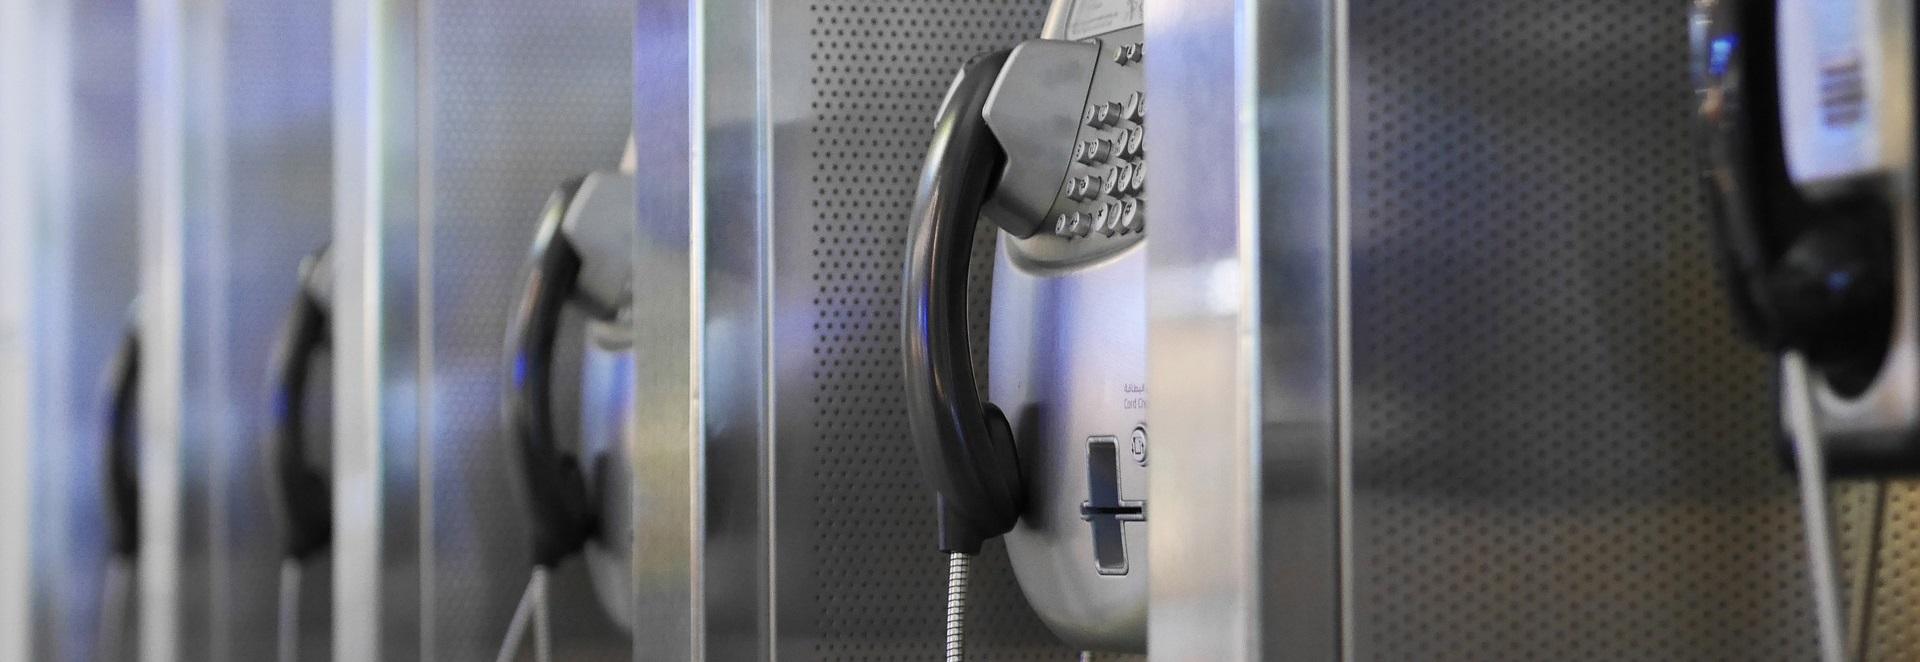 呼叫中心建设专家<br>十年呼叫中心建设经验,呼叫中心专业品牌